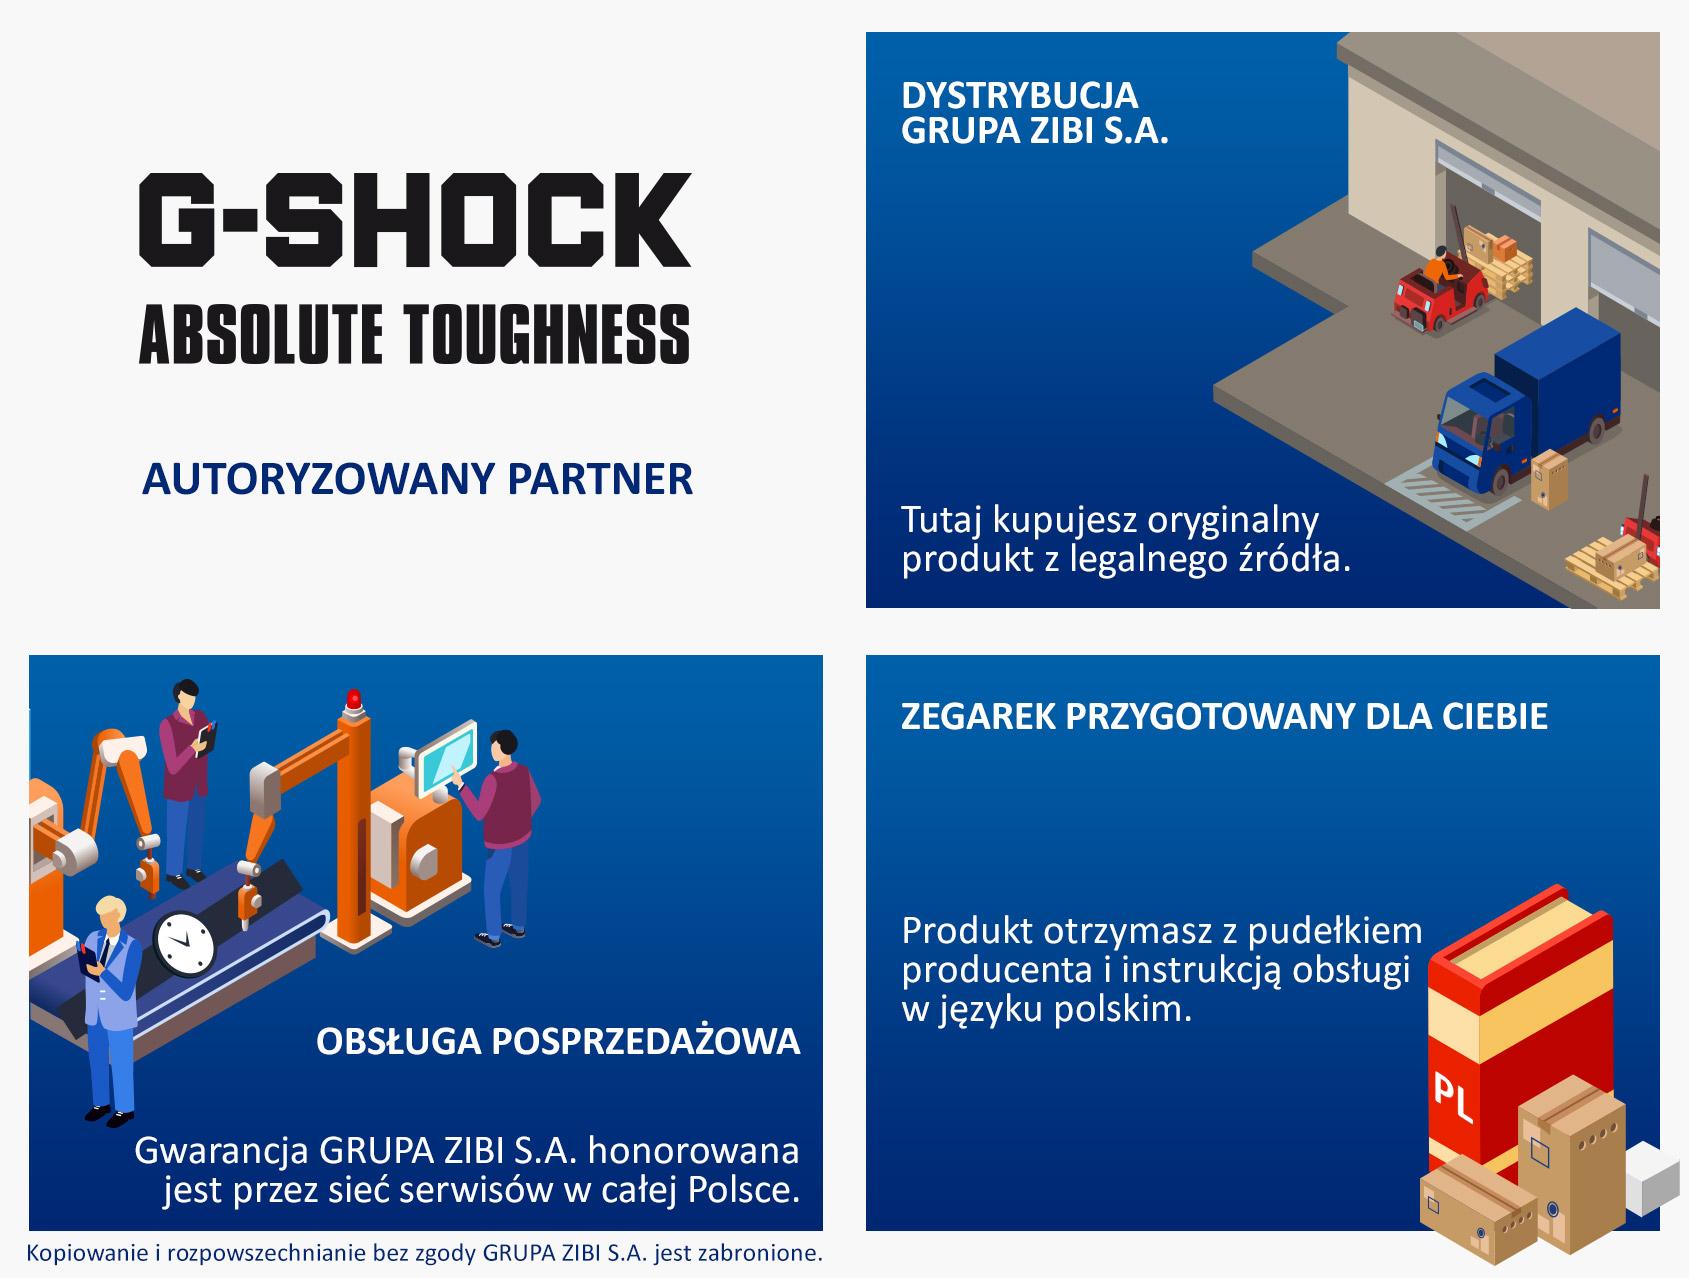 certyfikat sklep Demus jako autoryzowanego sprzedawcy G-SHOCK